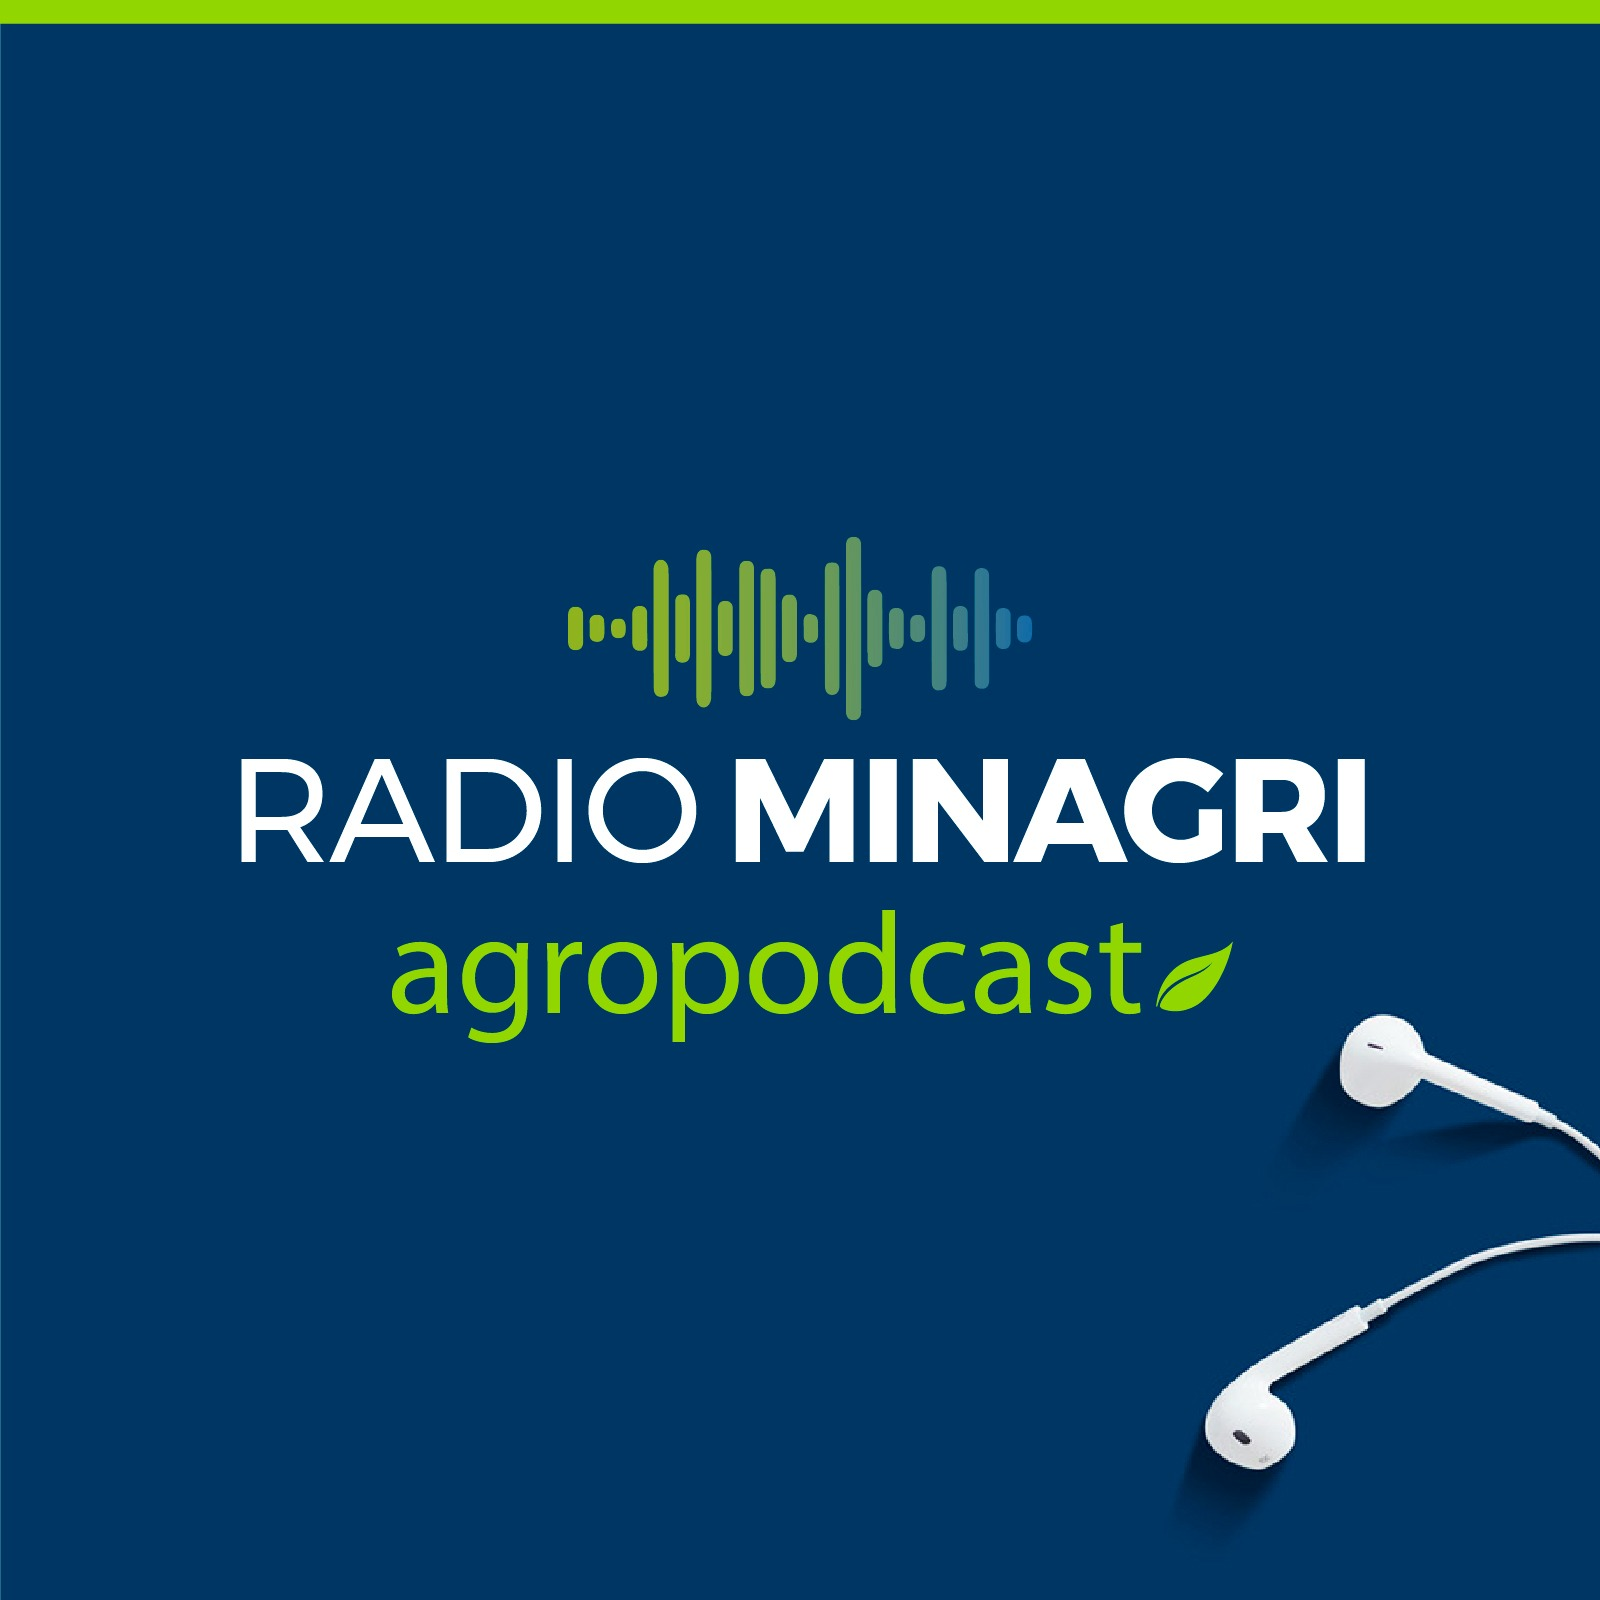 """Agropodcasts – 01 """"Herramientas para la construcción de confianza y soluciones sostenibles"""""""